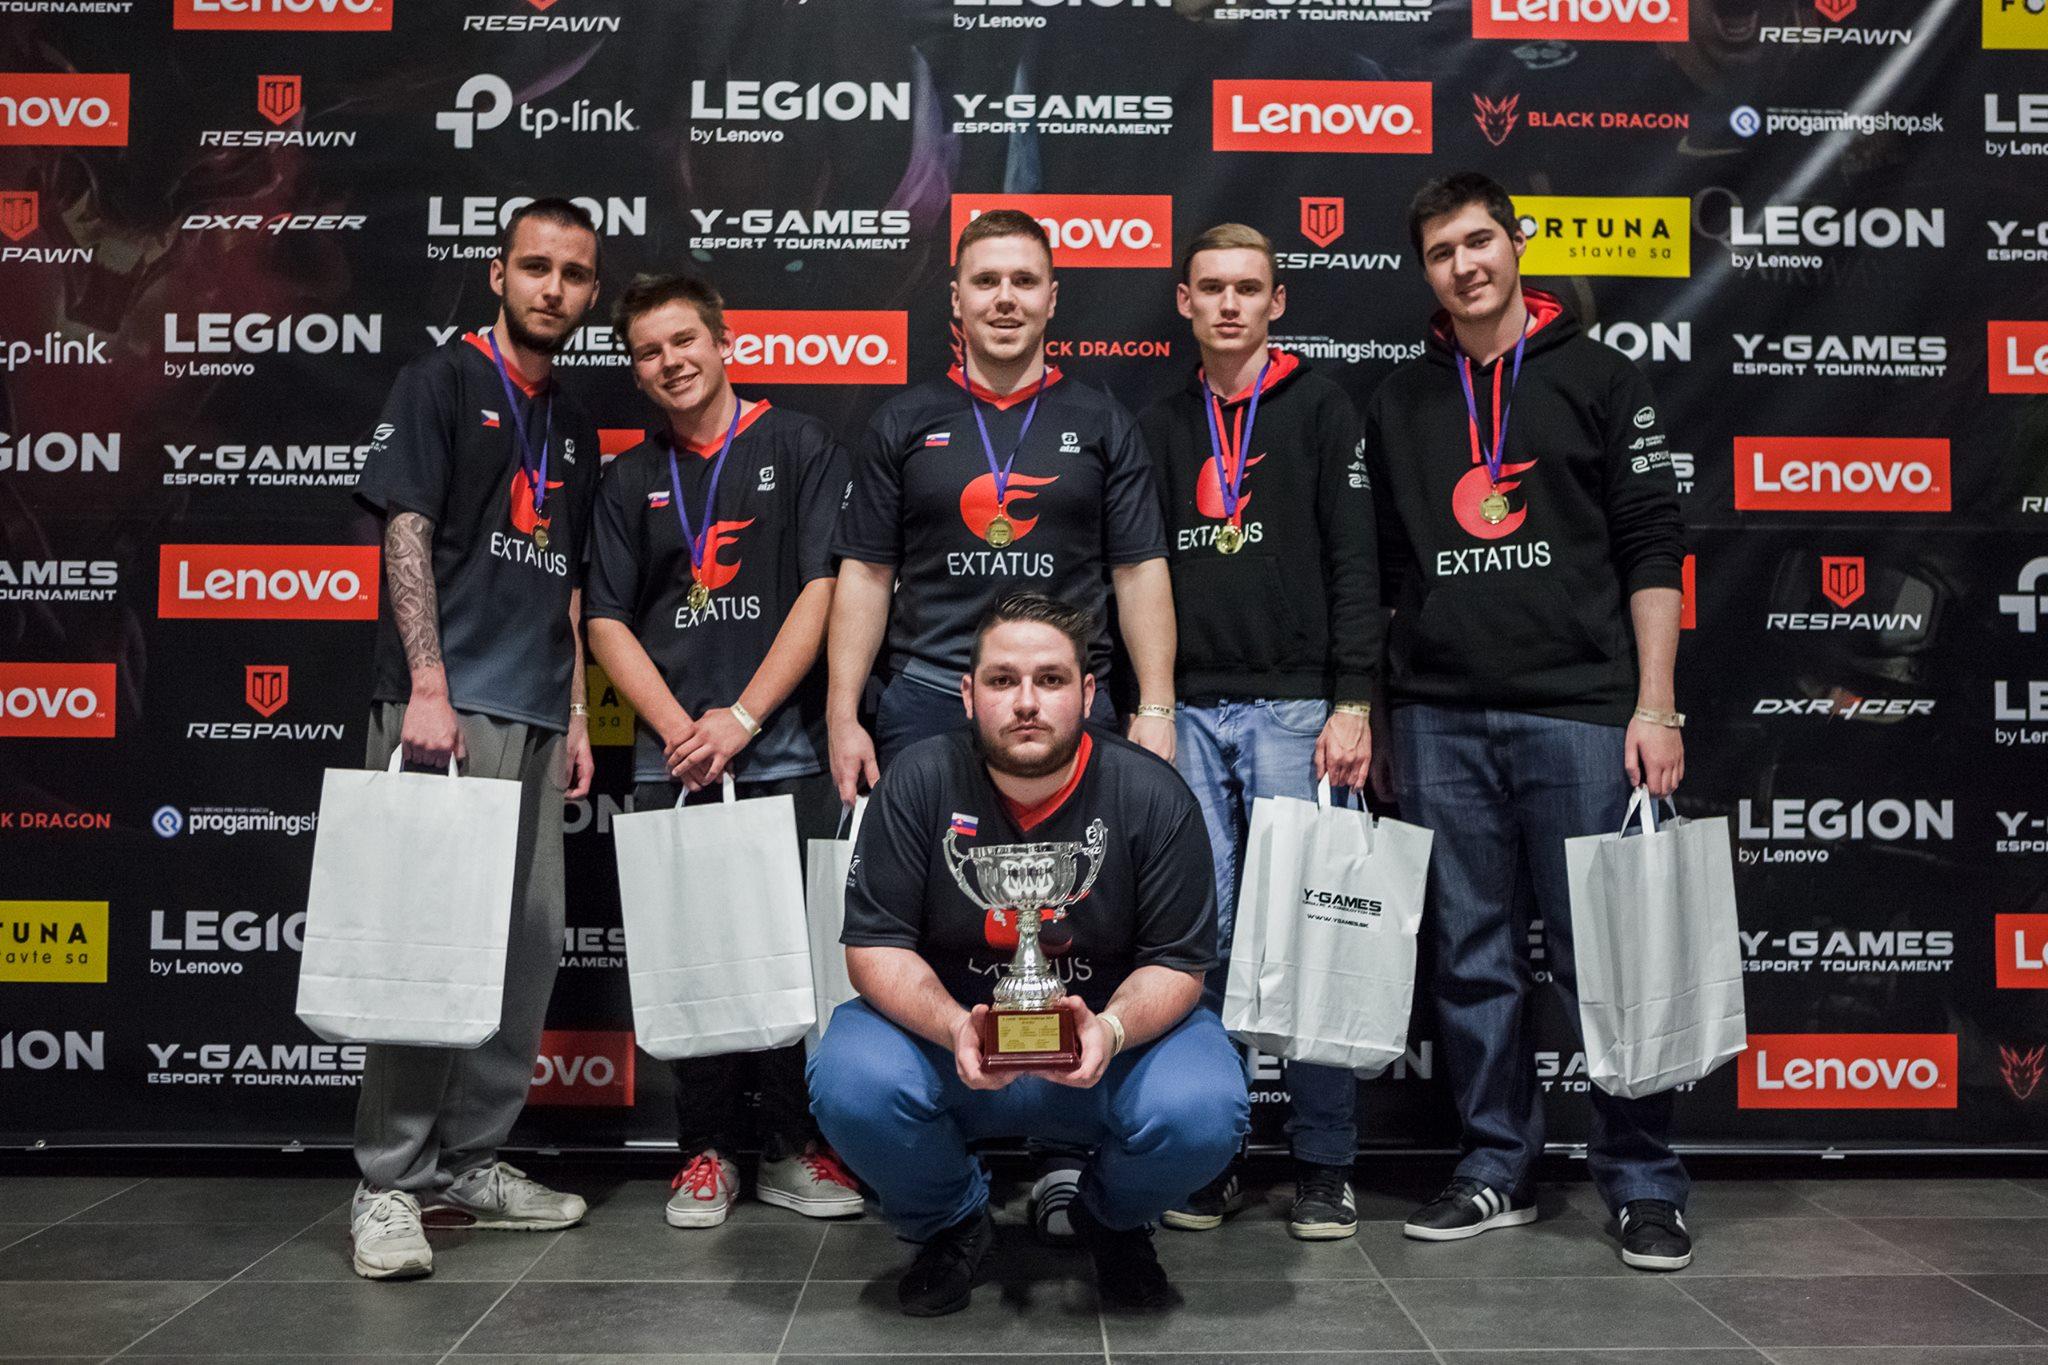 Herný turnaj LENOVO LEGION Y-Games 2017 už spoznal svojich víťazov 13